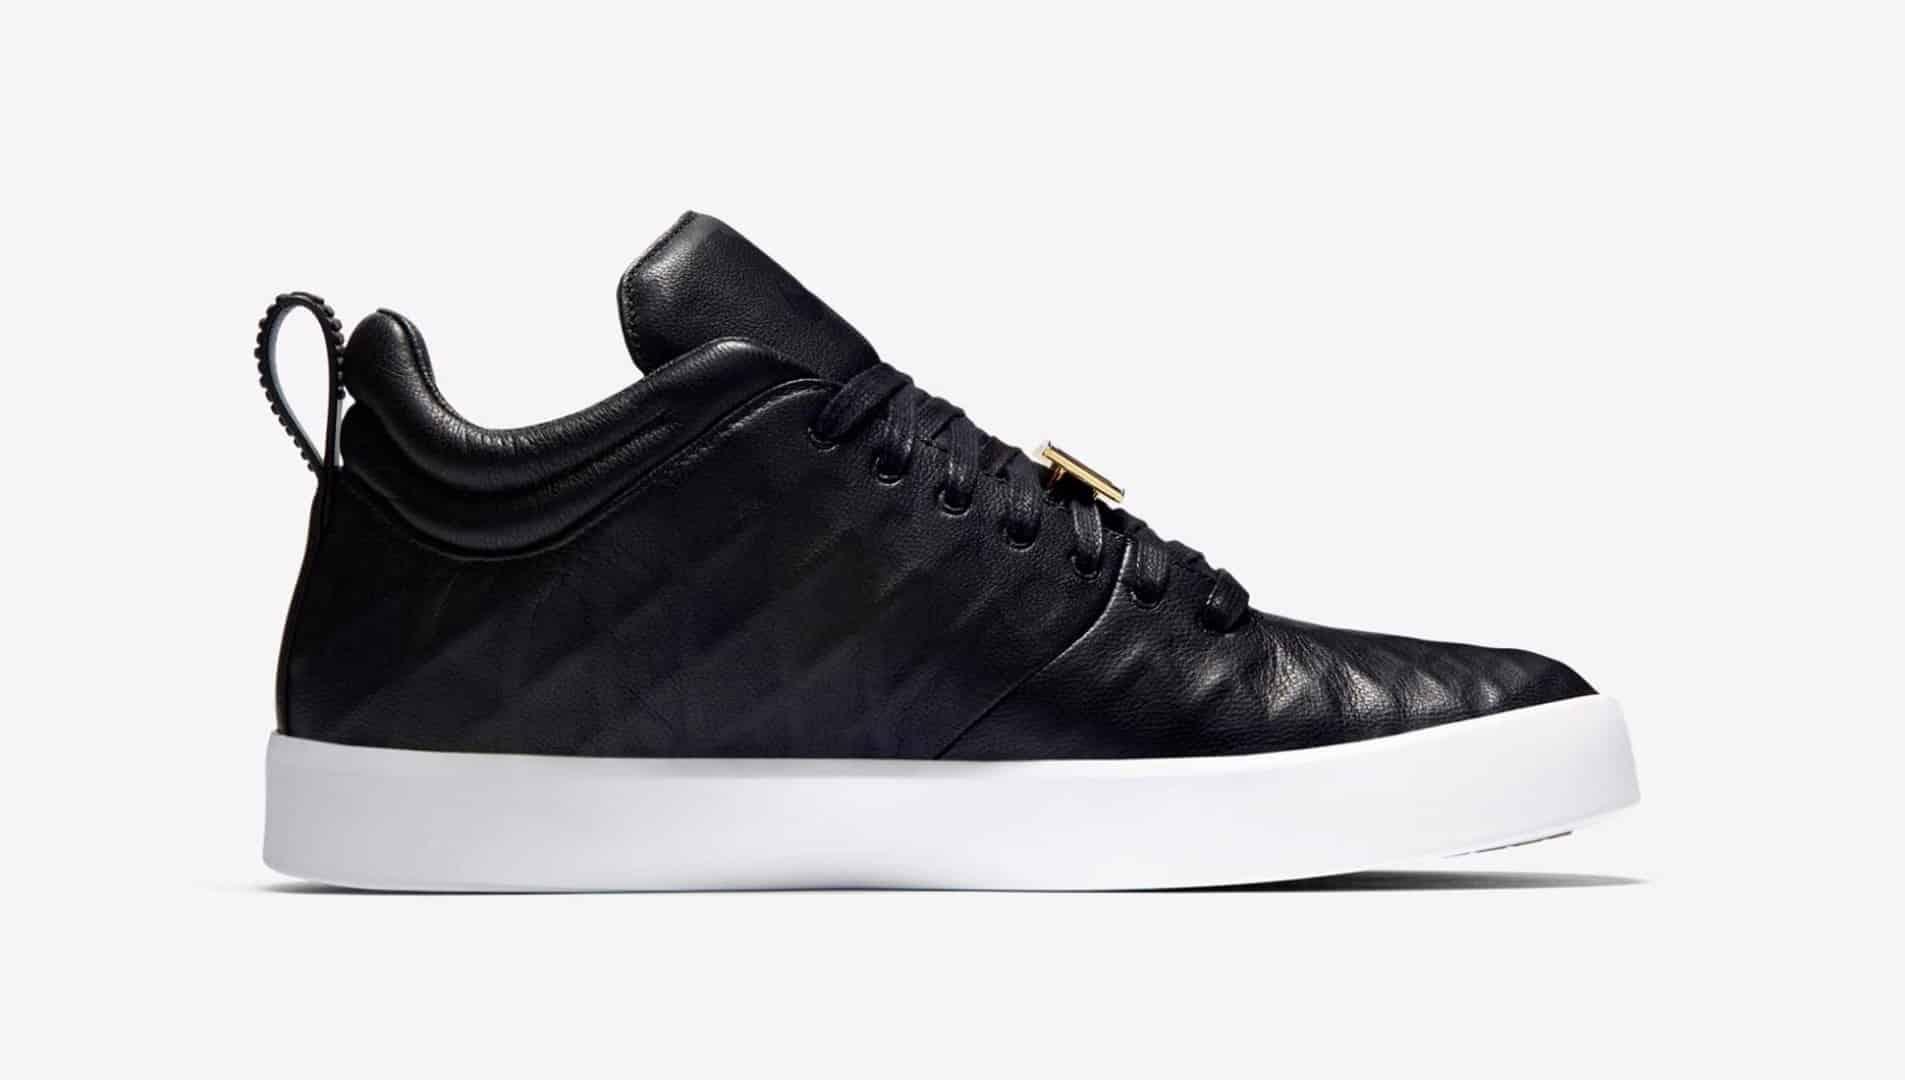 chaussures-sportstyle-nike-tiempo-vetta-17-img2